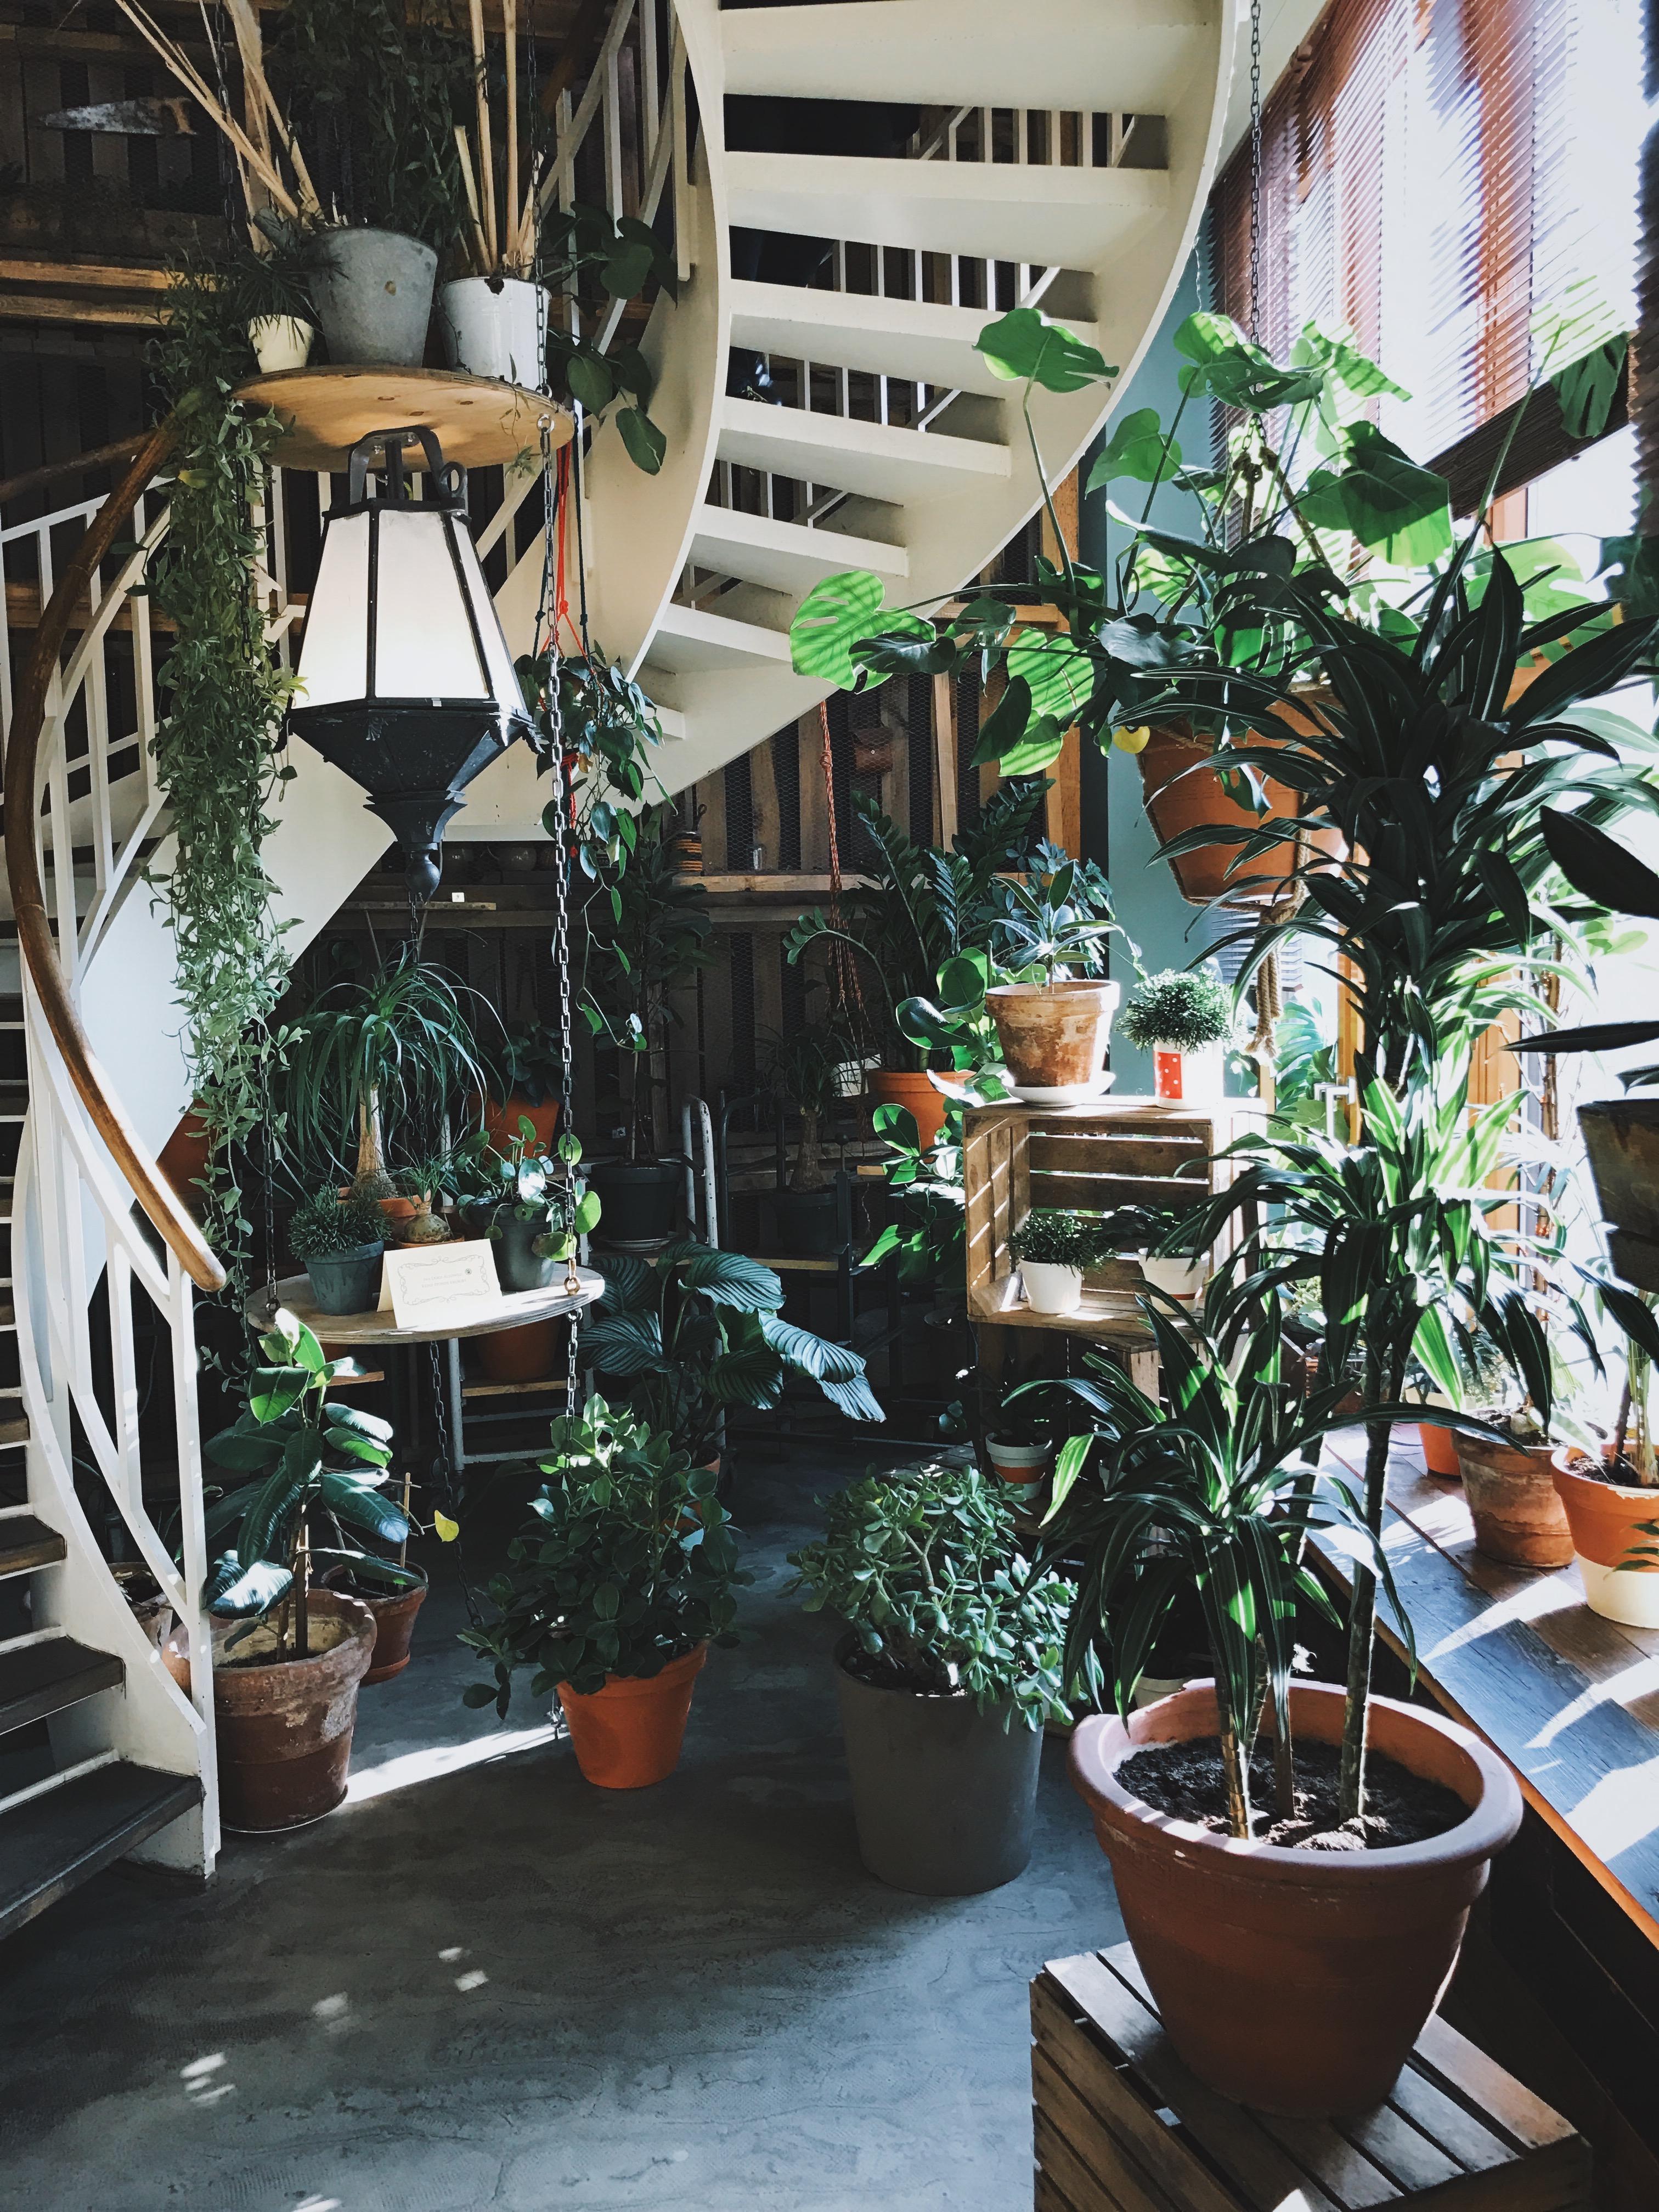 Décoration Marche Escalier Intérieur images gratuites : arbre, plante, fleur, intérieur